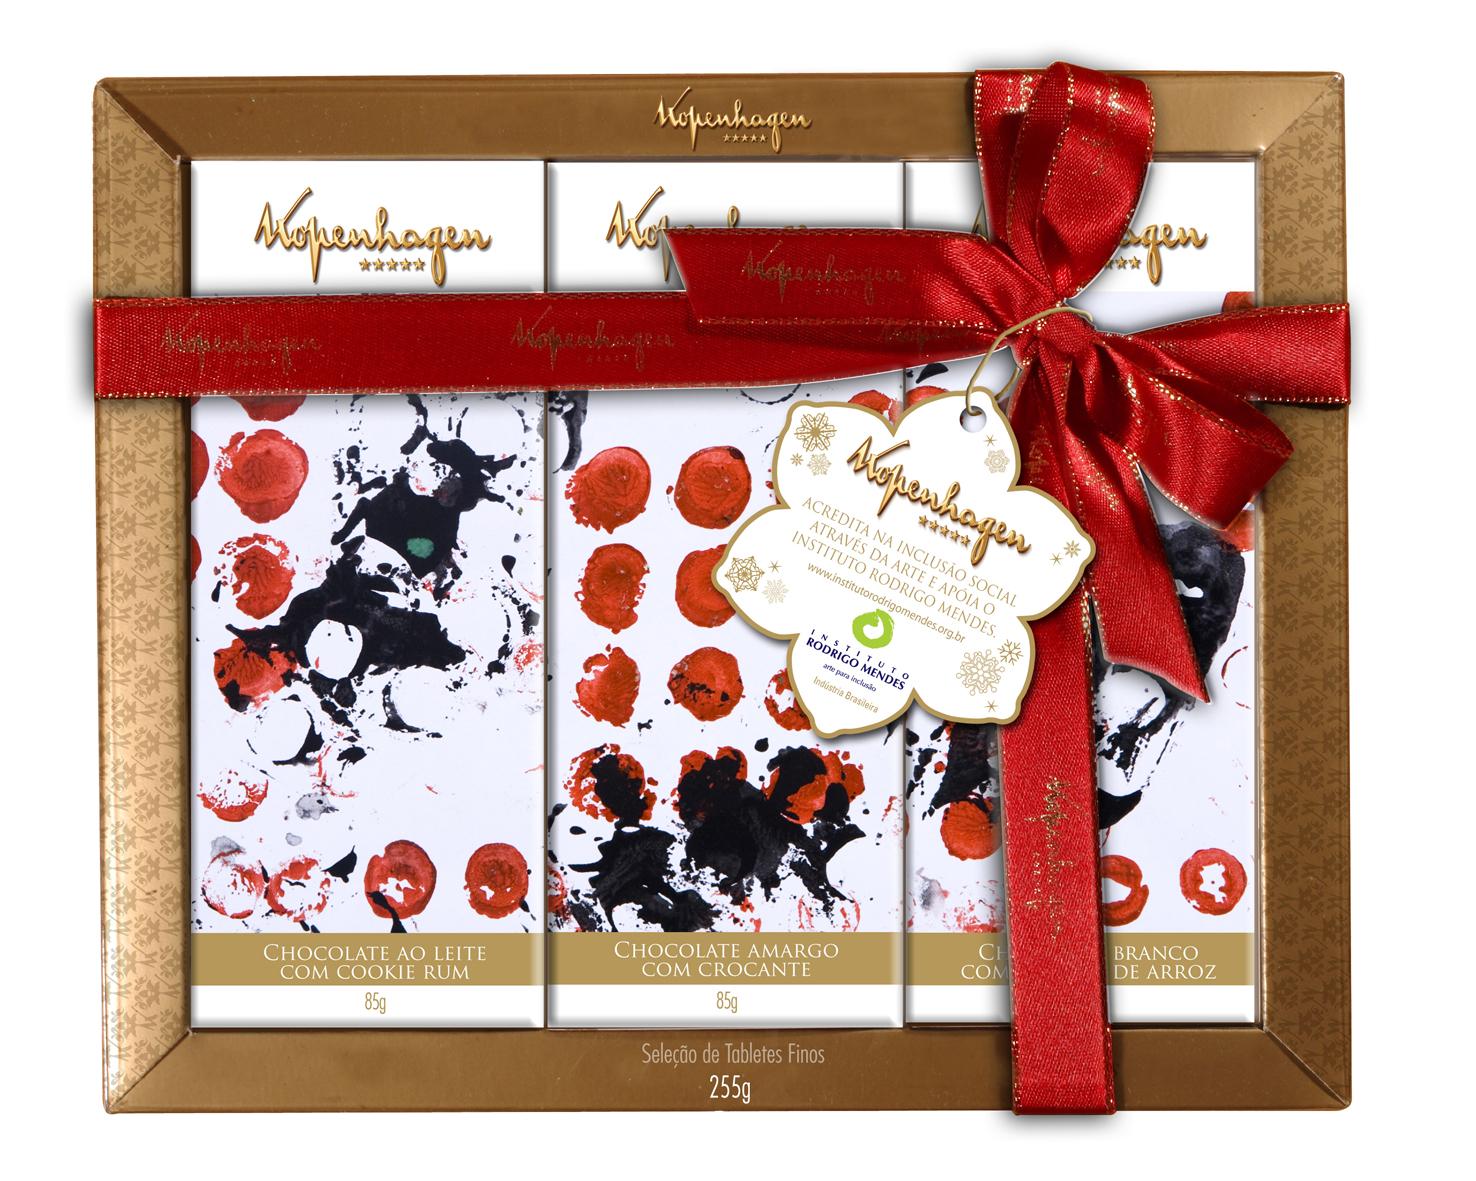 """Caixa de embalagem quadrada com borda dourada e a inscrição """"Kopenhagen"""" contendo três tabletes de chocolate em embalagens estampadas com obra de arte abstrata em preto e vermelho. A caixa está envolta por fita vermelha e um grande laço. No laço, cartão com forma de flor com o letreiro """"Kopenhagen acredita na inclusão social por meio da arte e apoia o Instituto Rodrigo Mendes""""."""